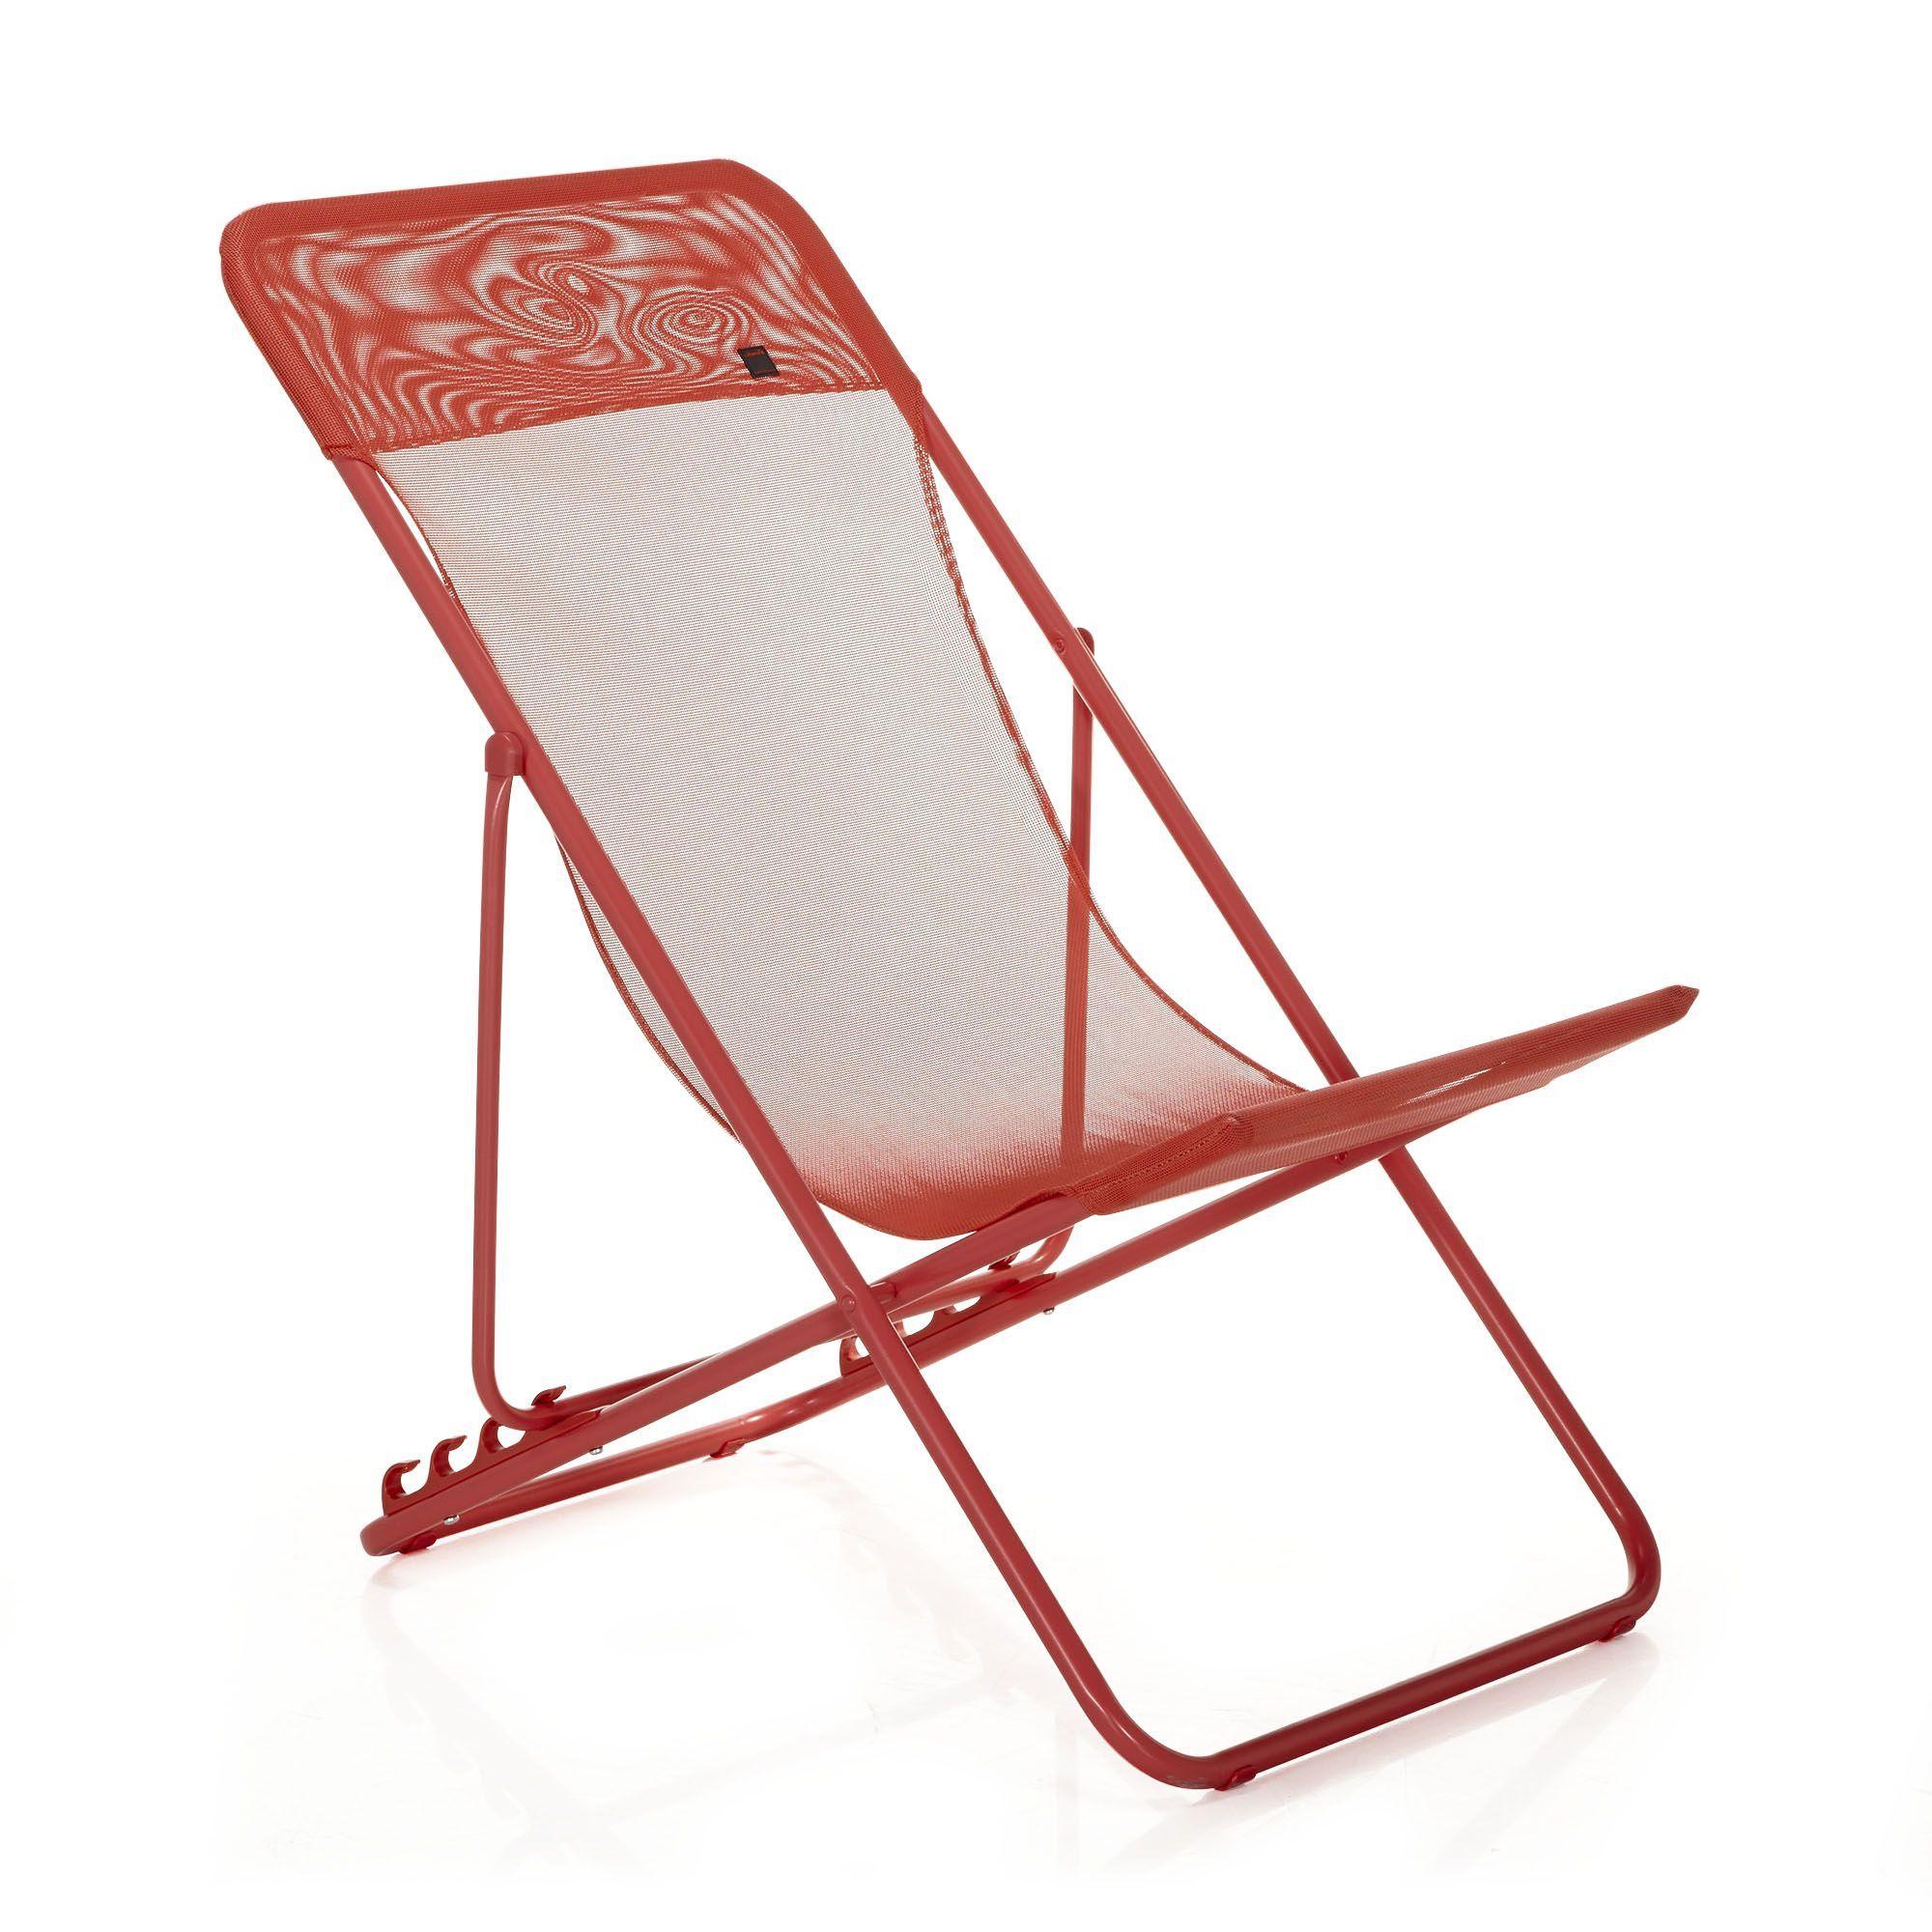 Chaise Longue Pliante Rouge Lafuma Maxi Chaises Longues Et Chiliennes Transats Et Chaises Long Chaise Longue Jardin Chaise Longue Pliante Mobilier De Salon